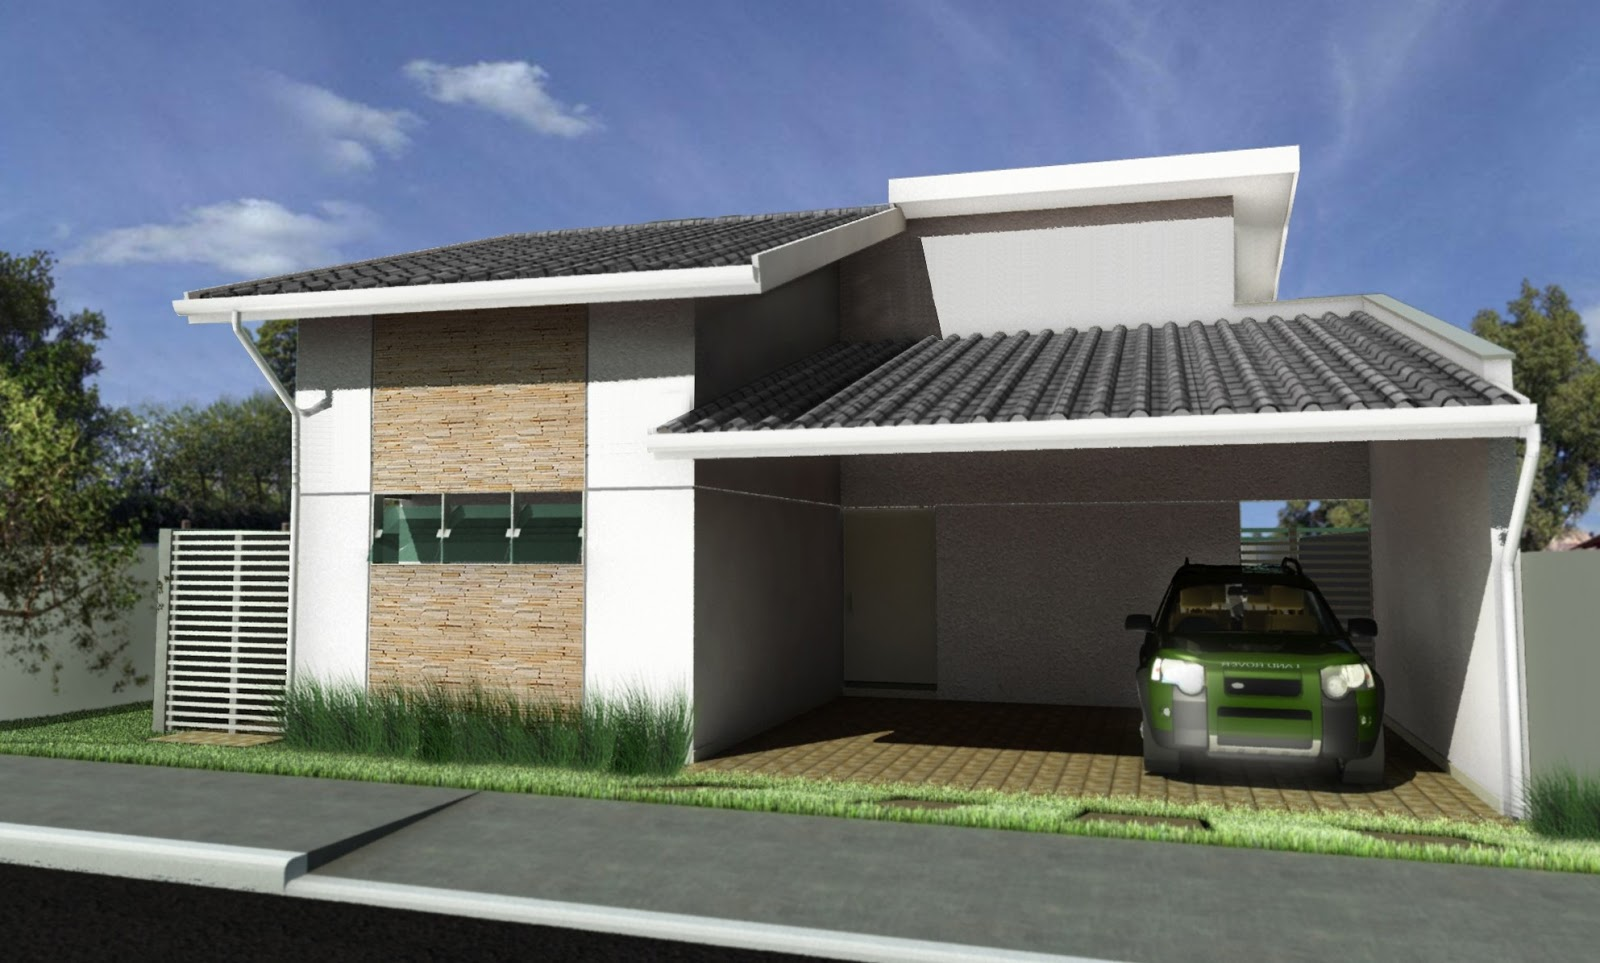 fachadas para casas pequenas e modernas   40 fotos toda